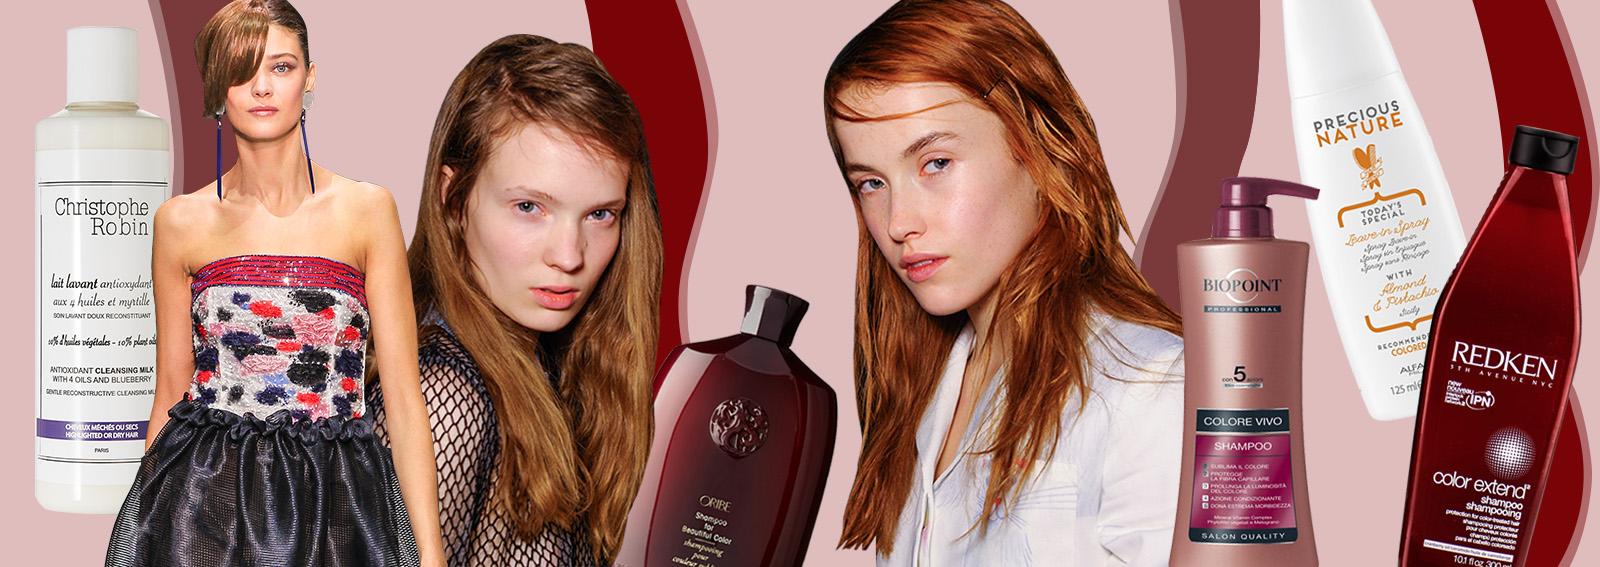 collage_capelli-rossi-tagli-prodotti-desktop